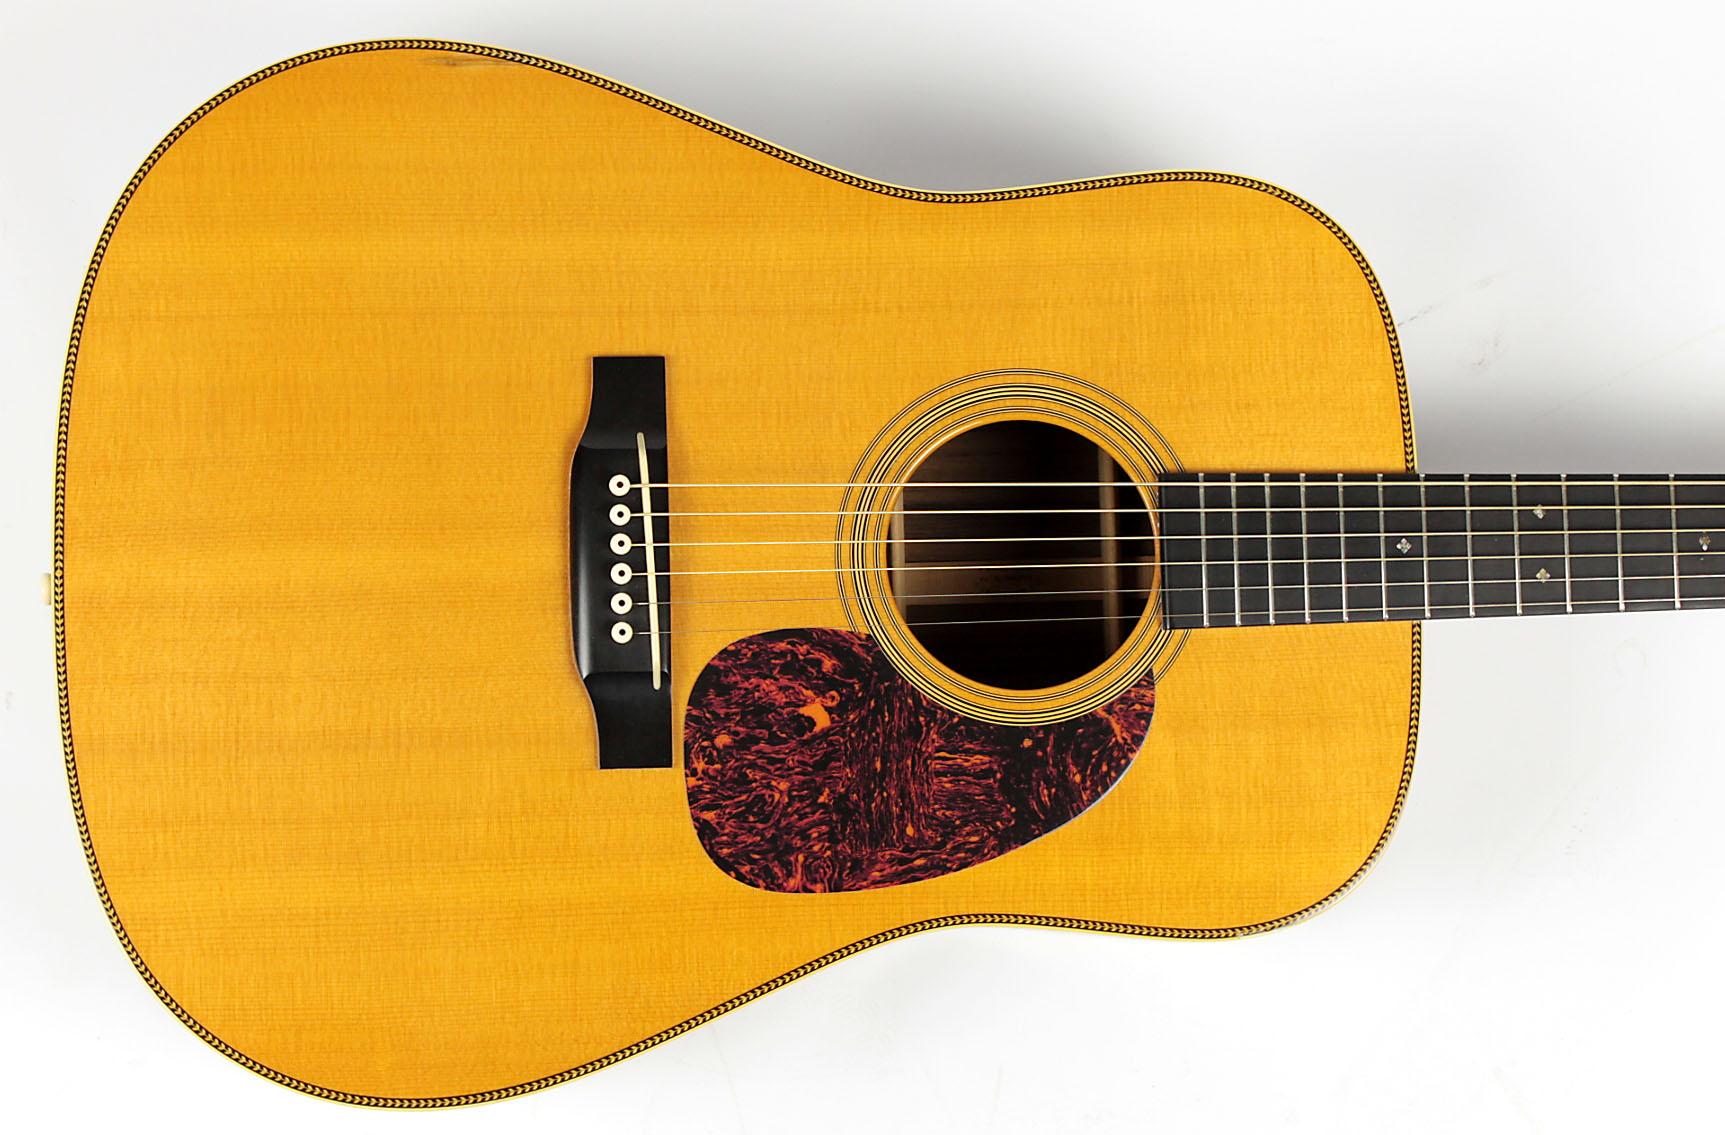 martin hd 28v 2010 guitar for sale. Black Bedroom Furniture Sets. Home Design Ideas